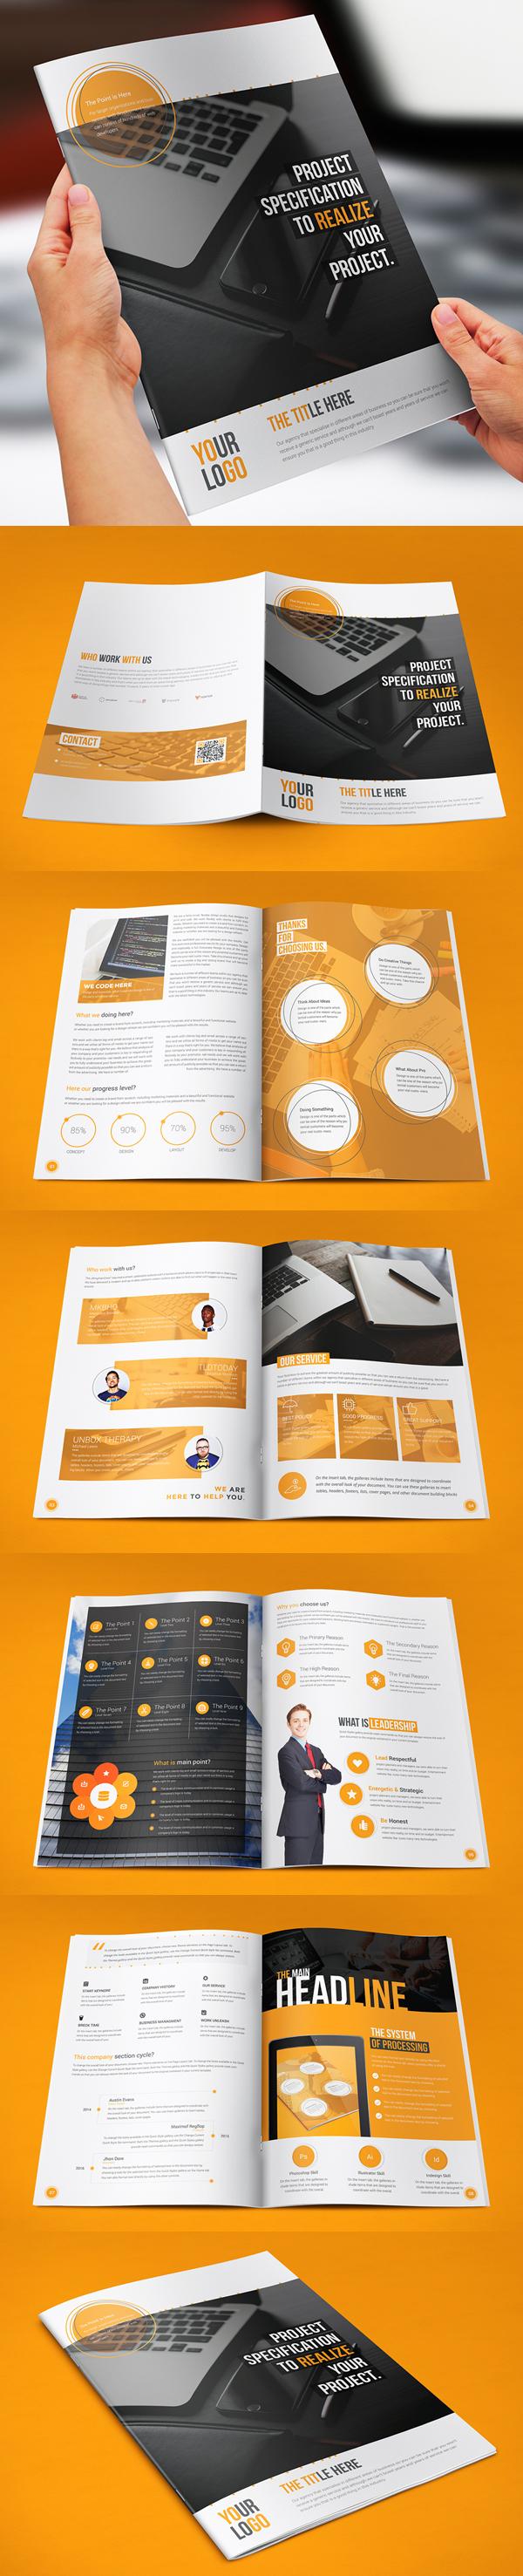 001 brochure design